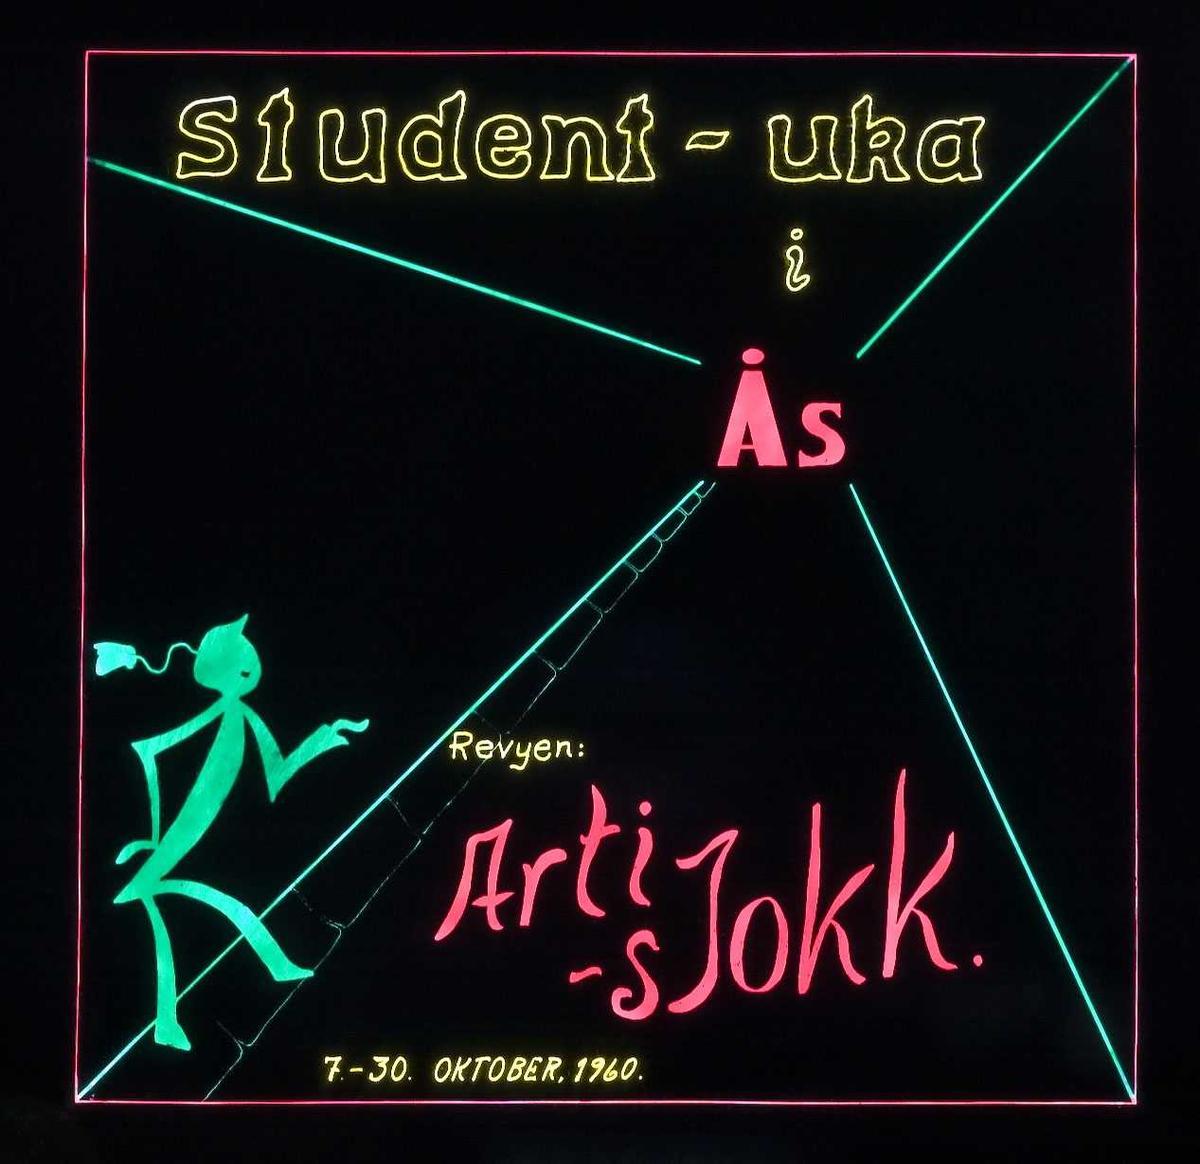 Kinoreklame fra Ski for Ås-revyen. Studentuka i Ås. Revyen Arti-sjokk. 7.-30. oktober 1960